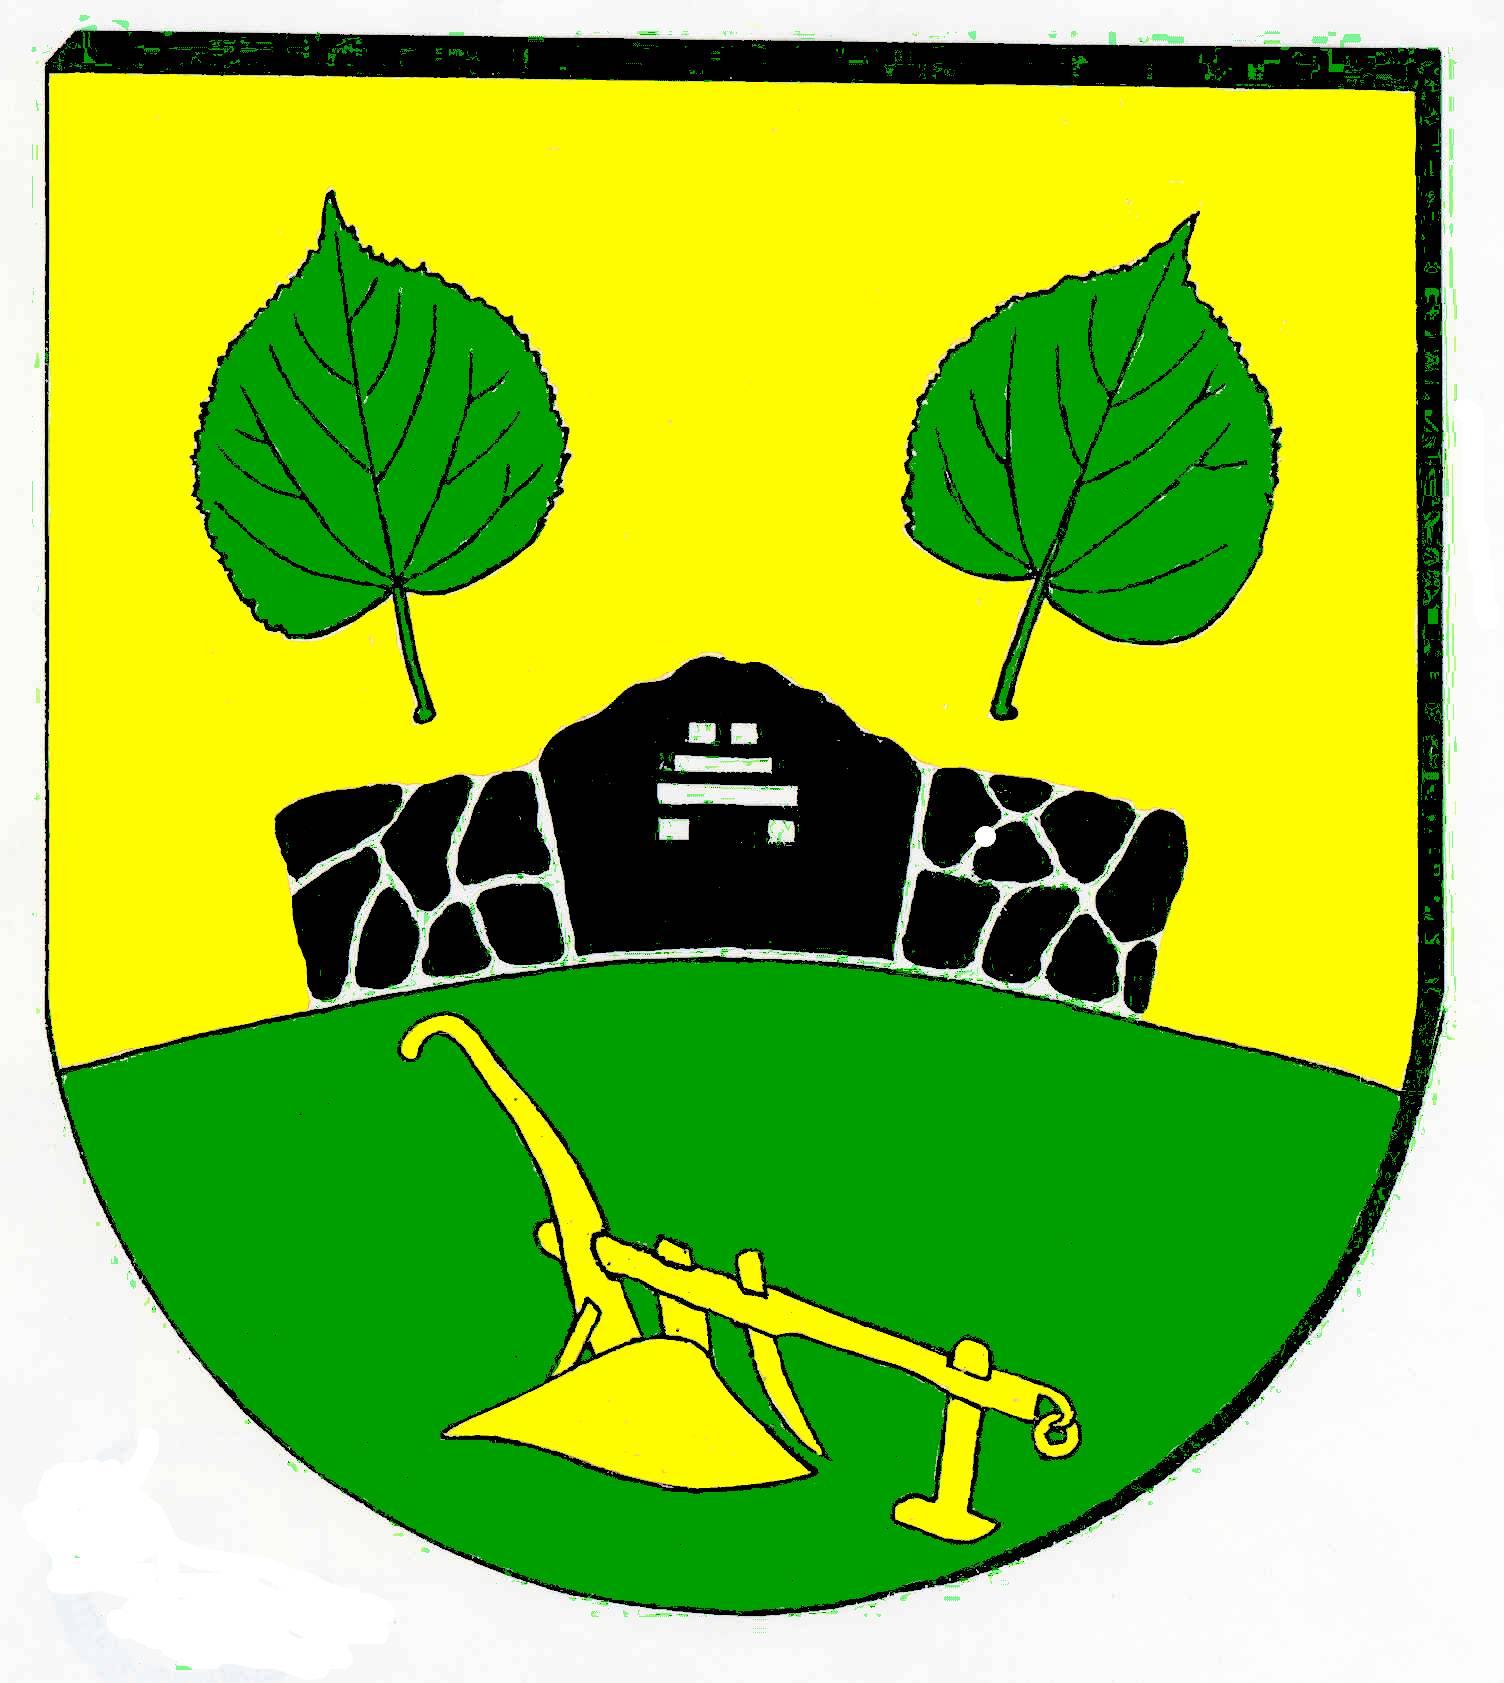 Wappen GemeindeHohenhorn, Kreis Herzogtum Lauenburg